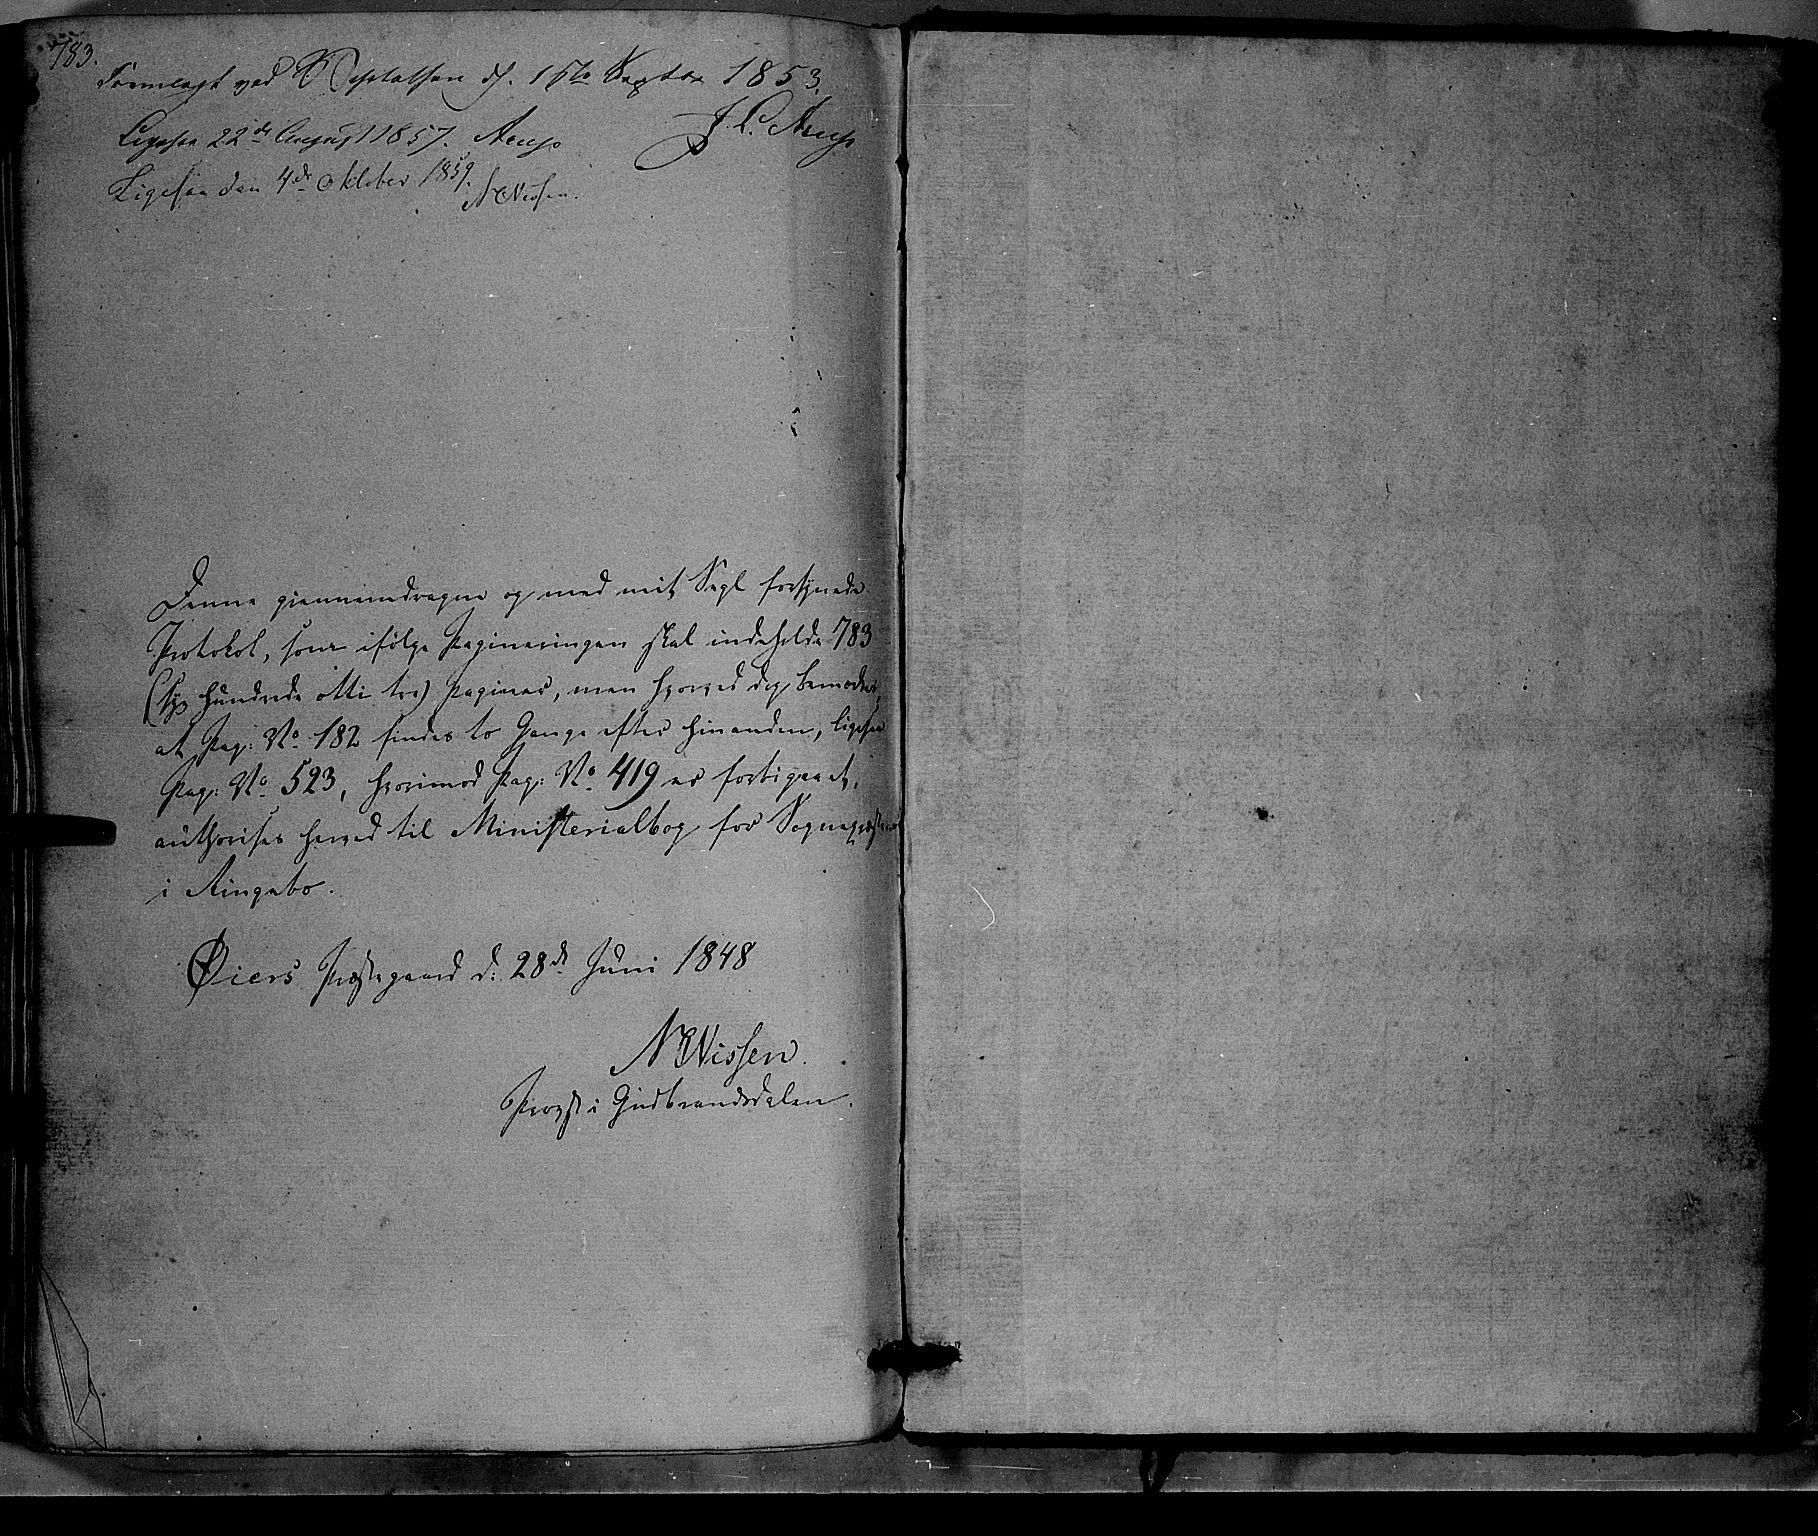 SAH, Ringebu prestekontor, Parish register (official) no. 6, 1848-1859, p. 783-784